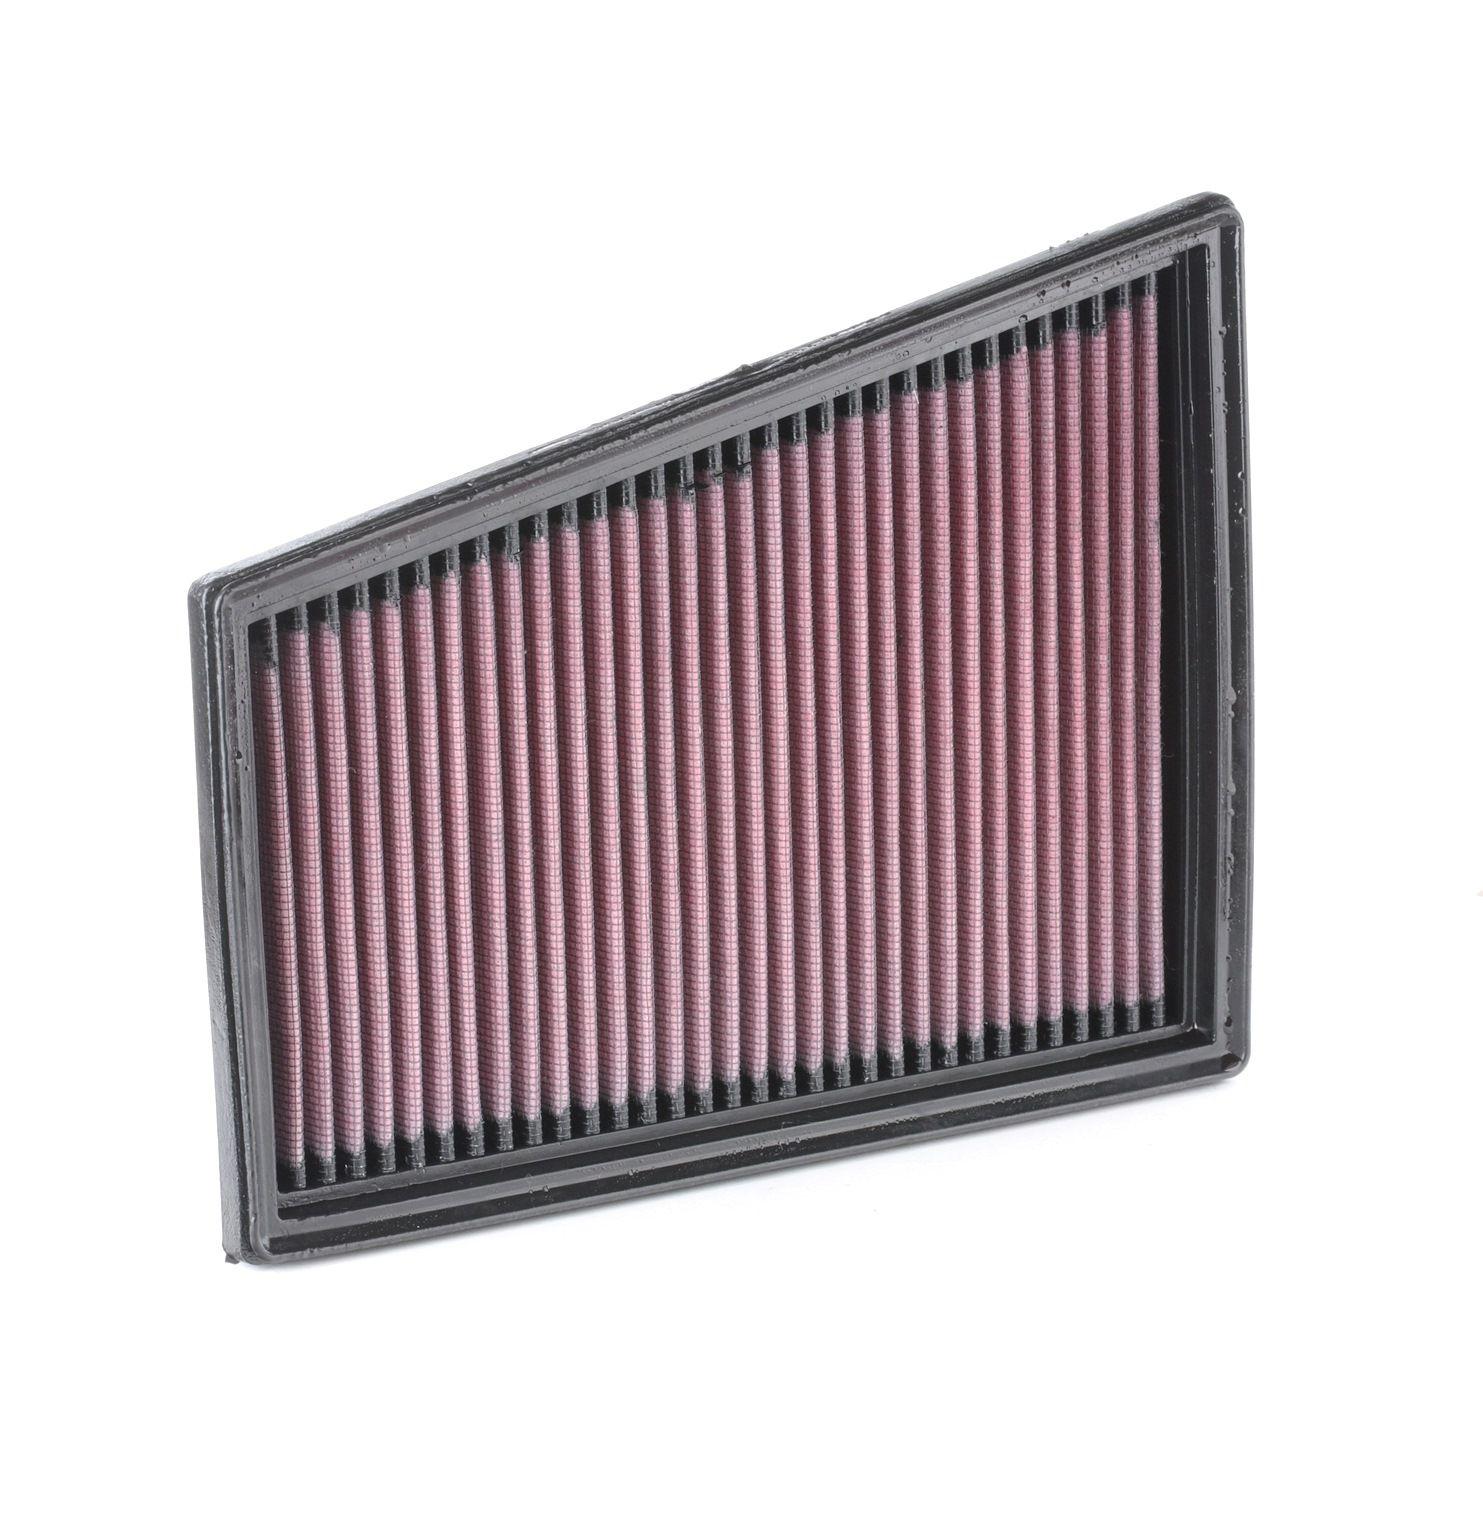 K&N Filters: Original Motorluftfilter 33-2849 (Länge: 244mm, Länge: 244mm, Breite: 191mm, Höhe: 32mm)